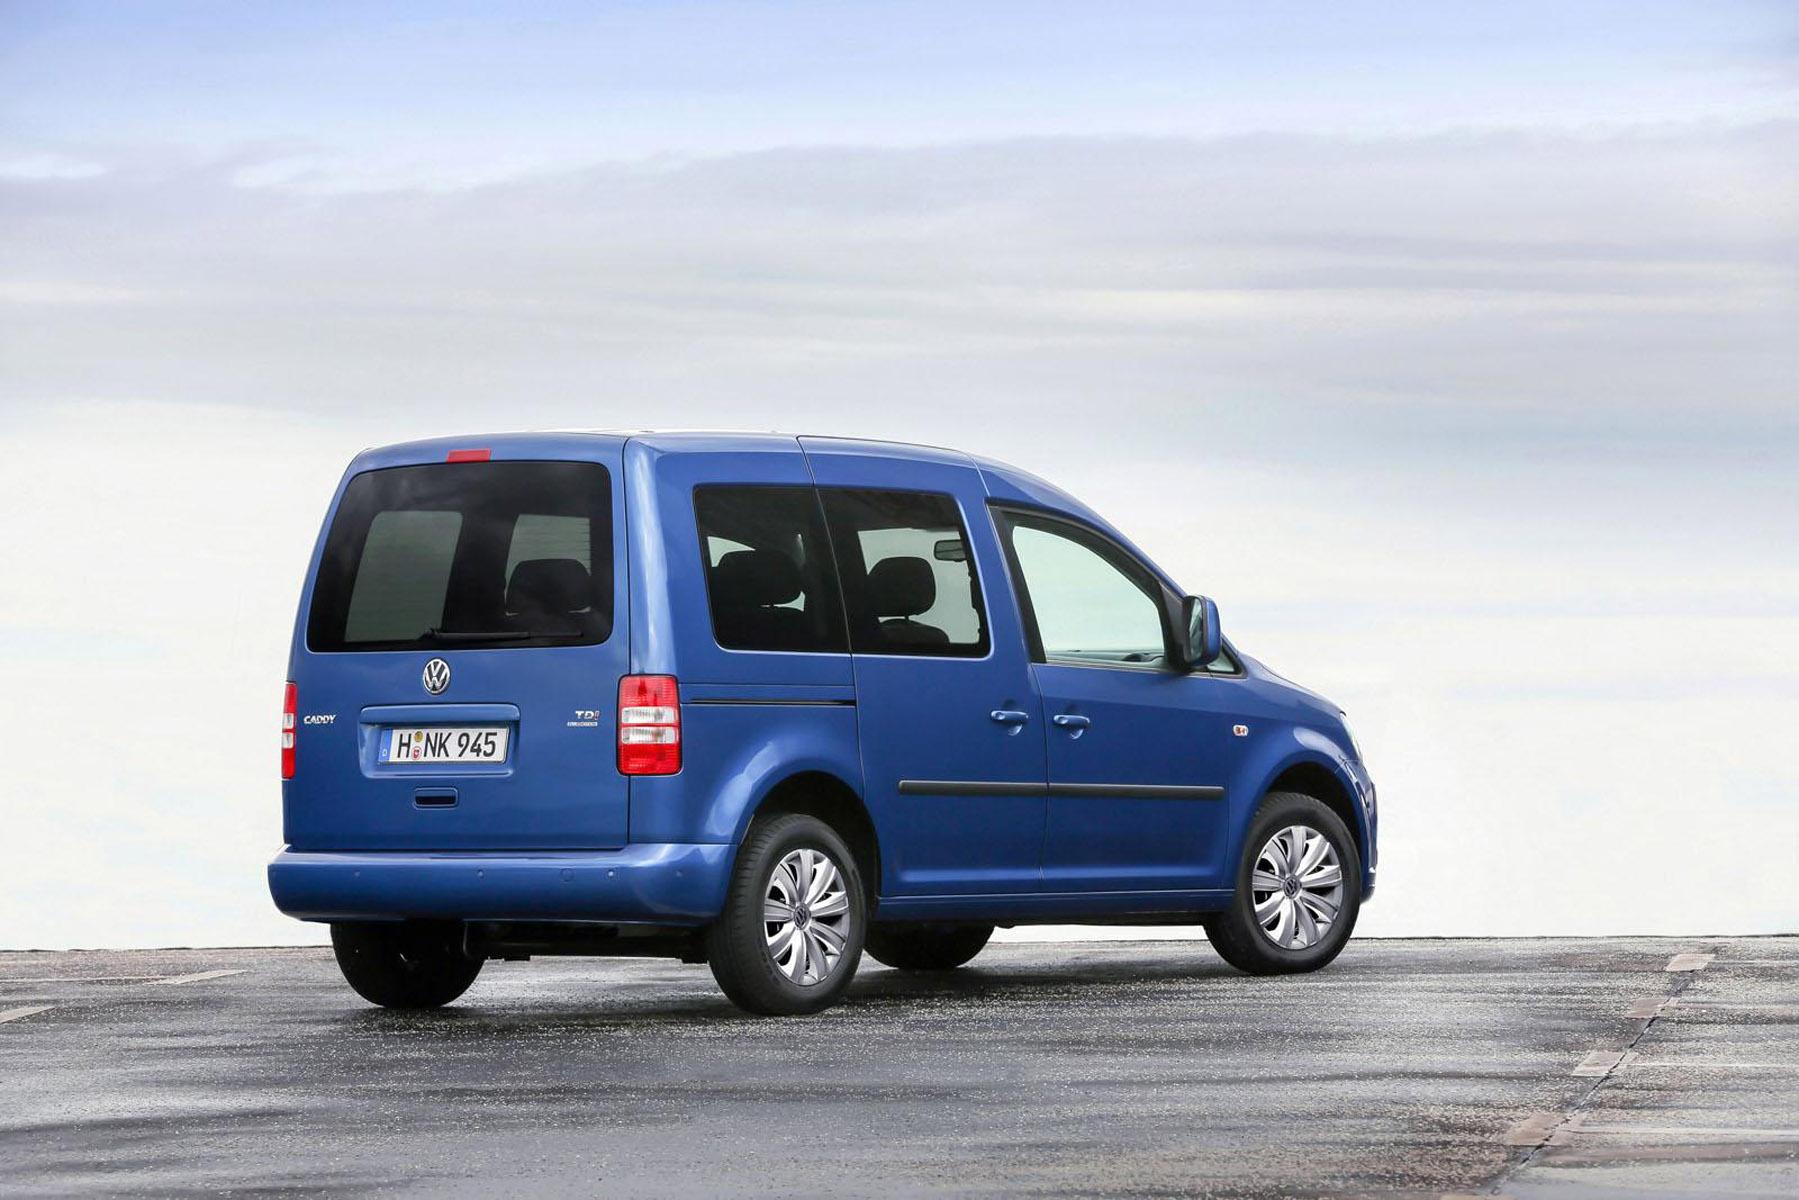 2014 Volkswagen Caddy Bluemotion 4 5 L 100km